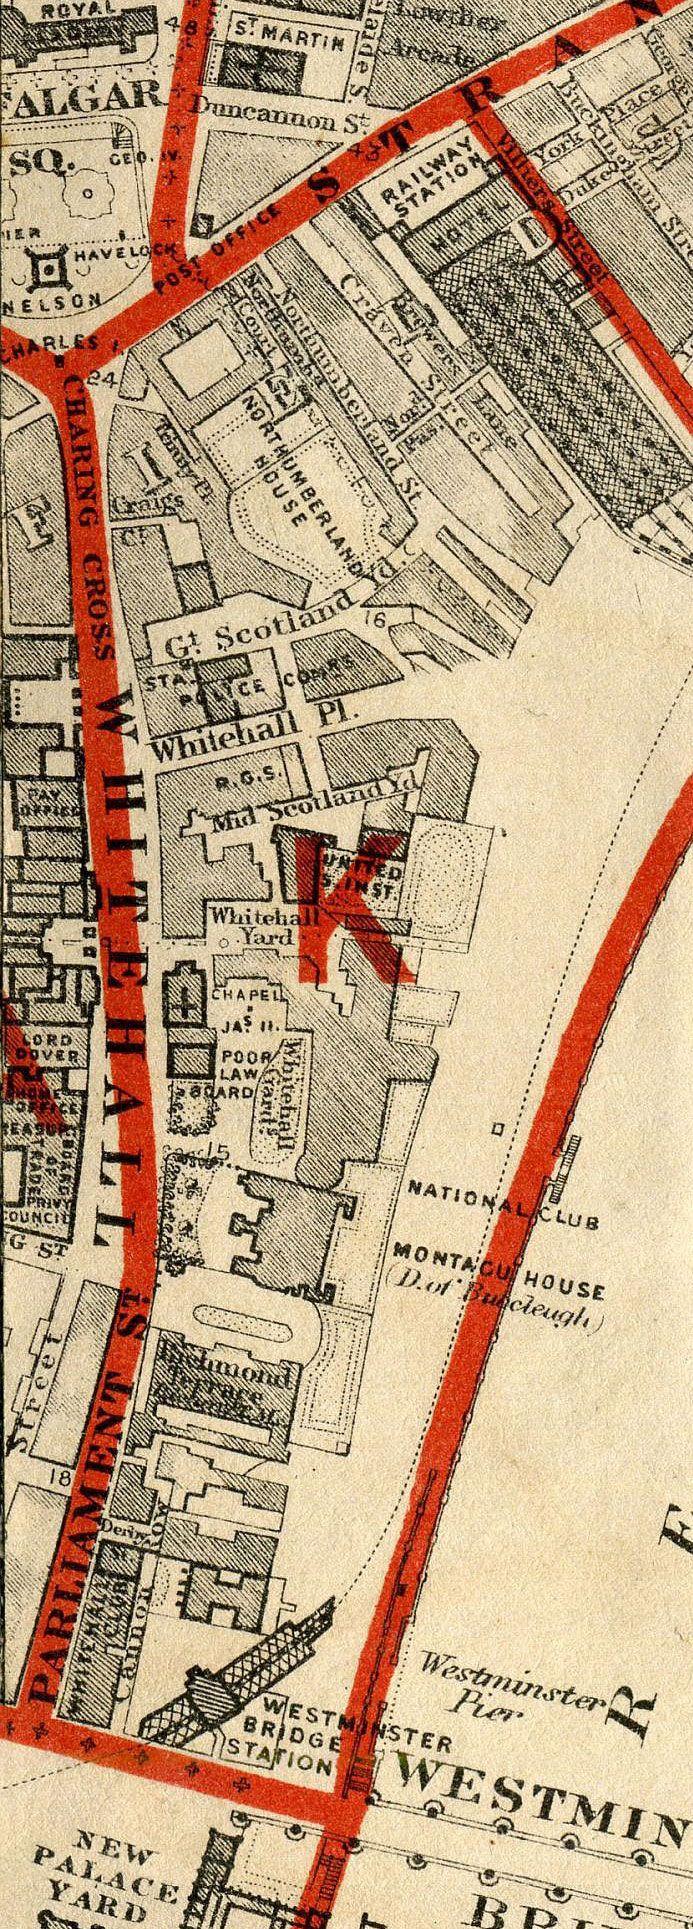 Stanfordu0027s School Board Map Westminster 1877